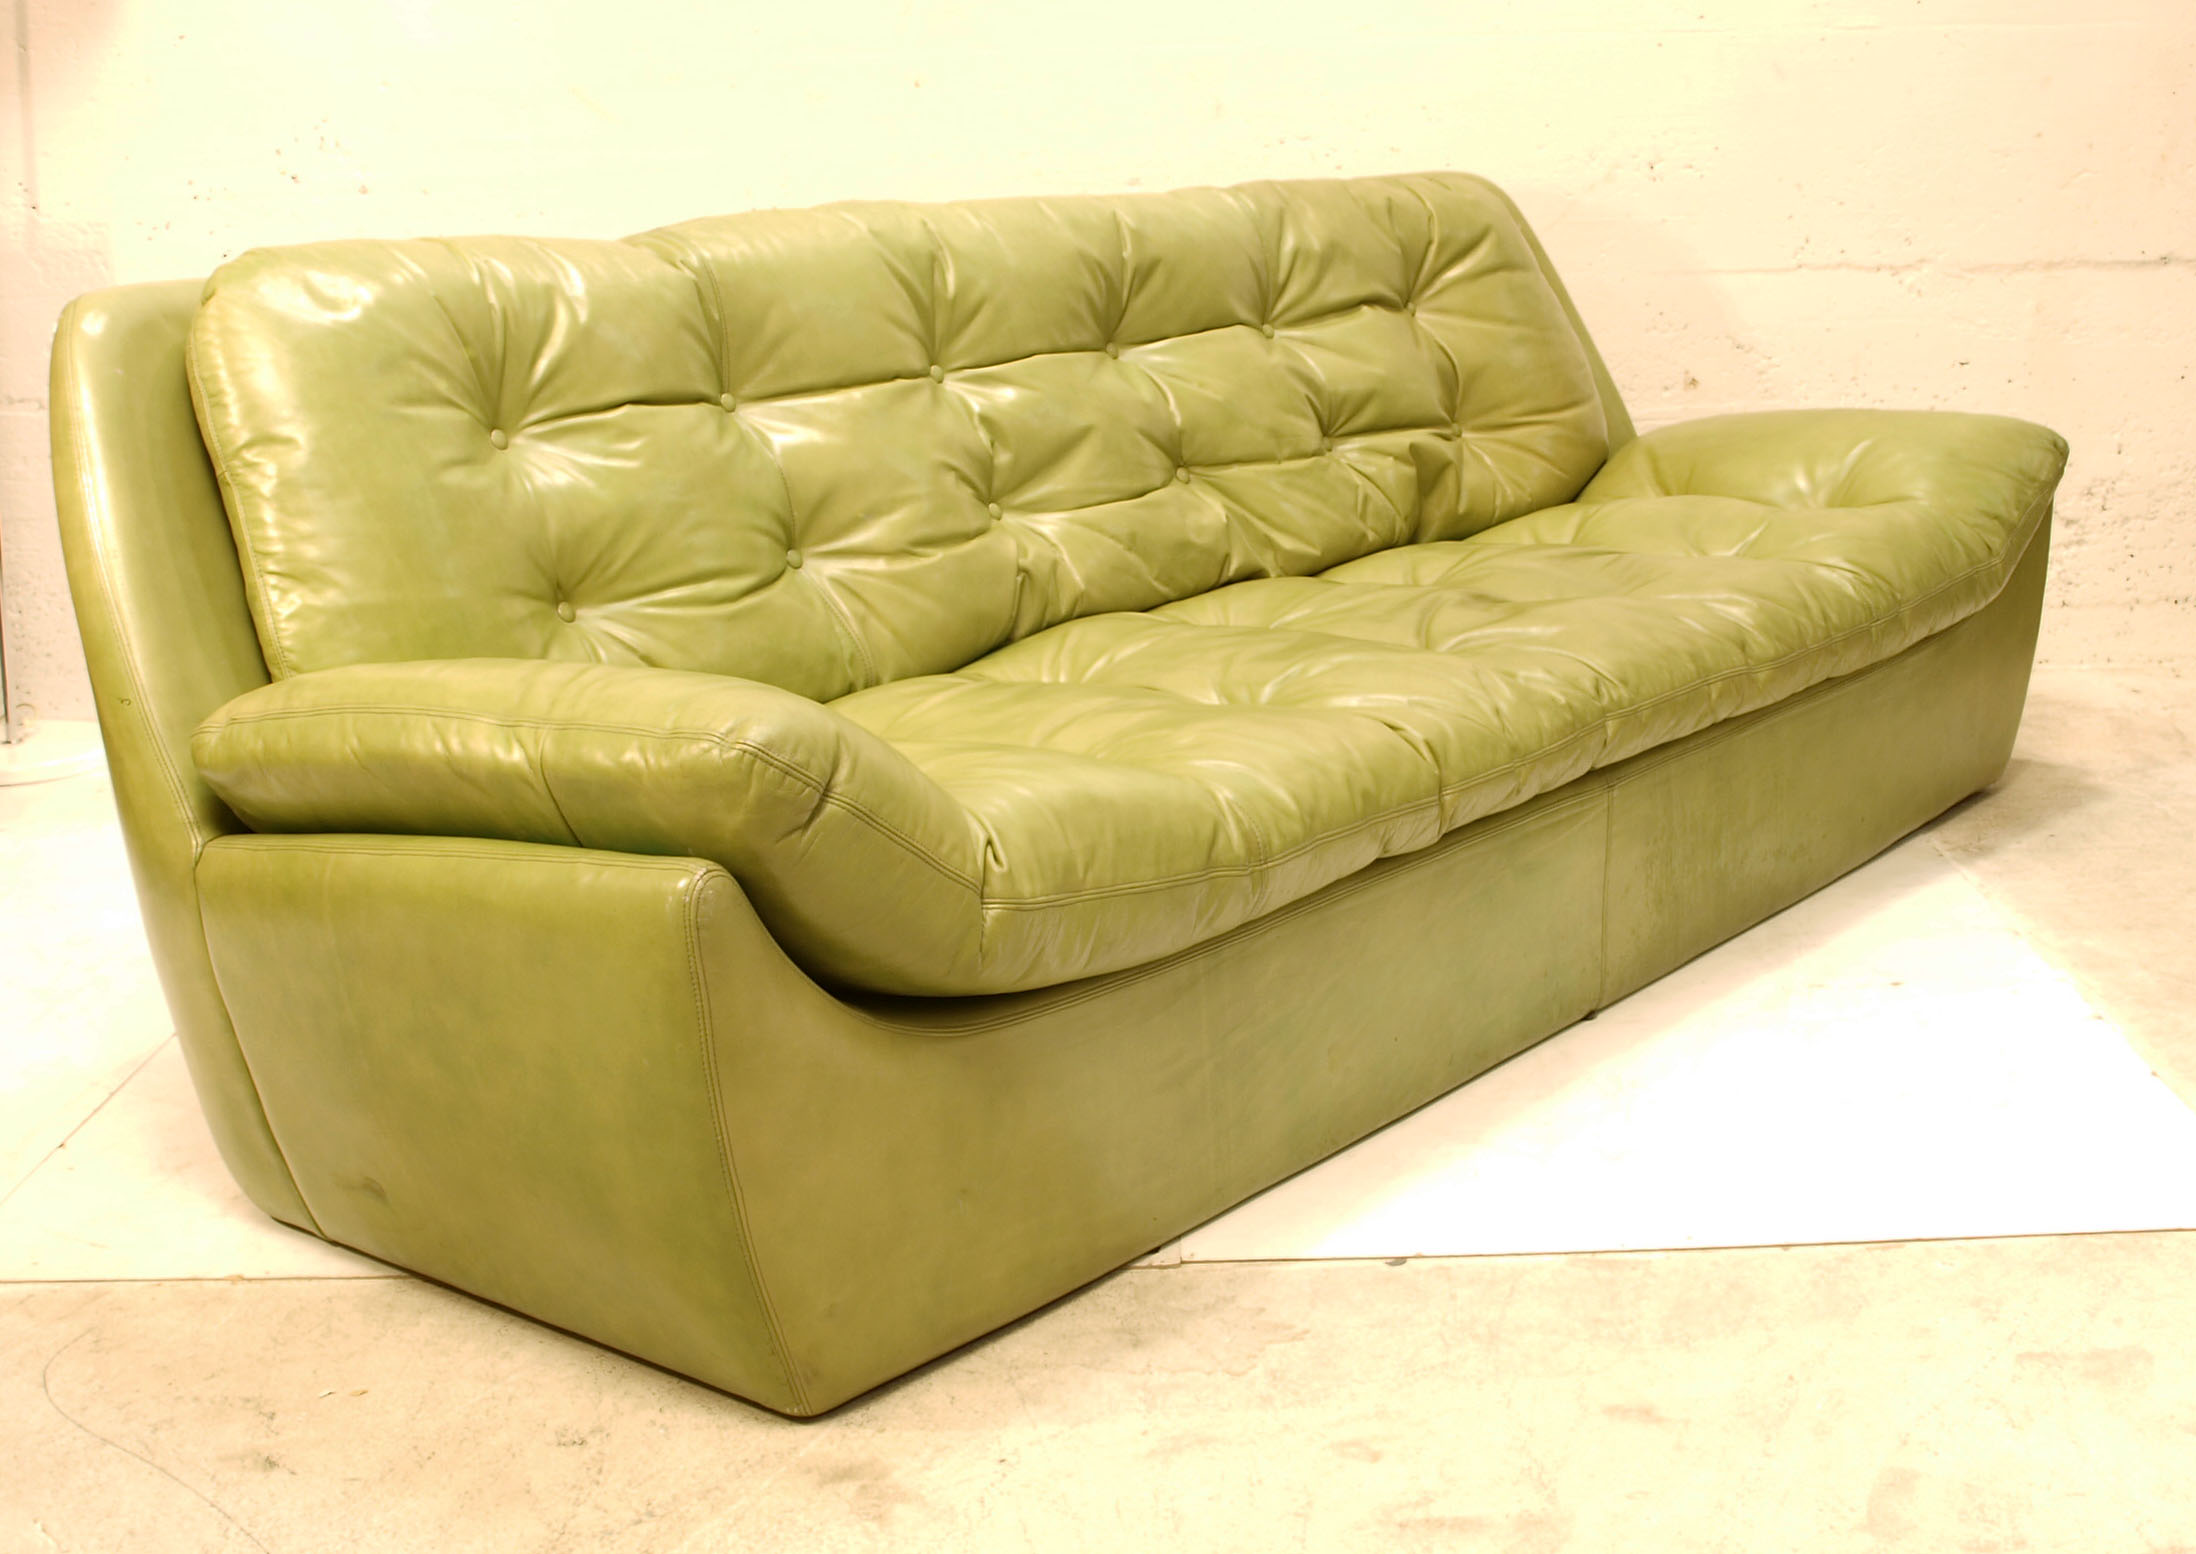 ledersofa gr n m bel z rich vintagem bel. Black Bedroom Furniture Sets. Home Design Ideas